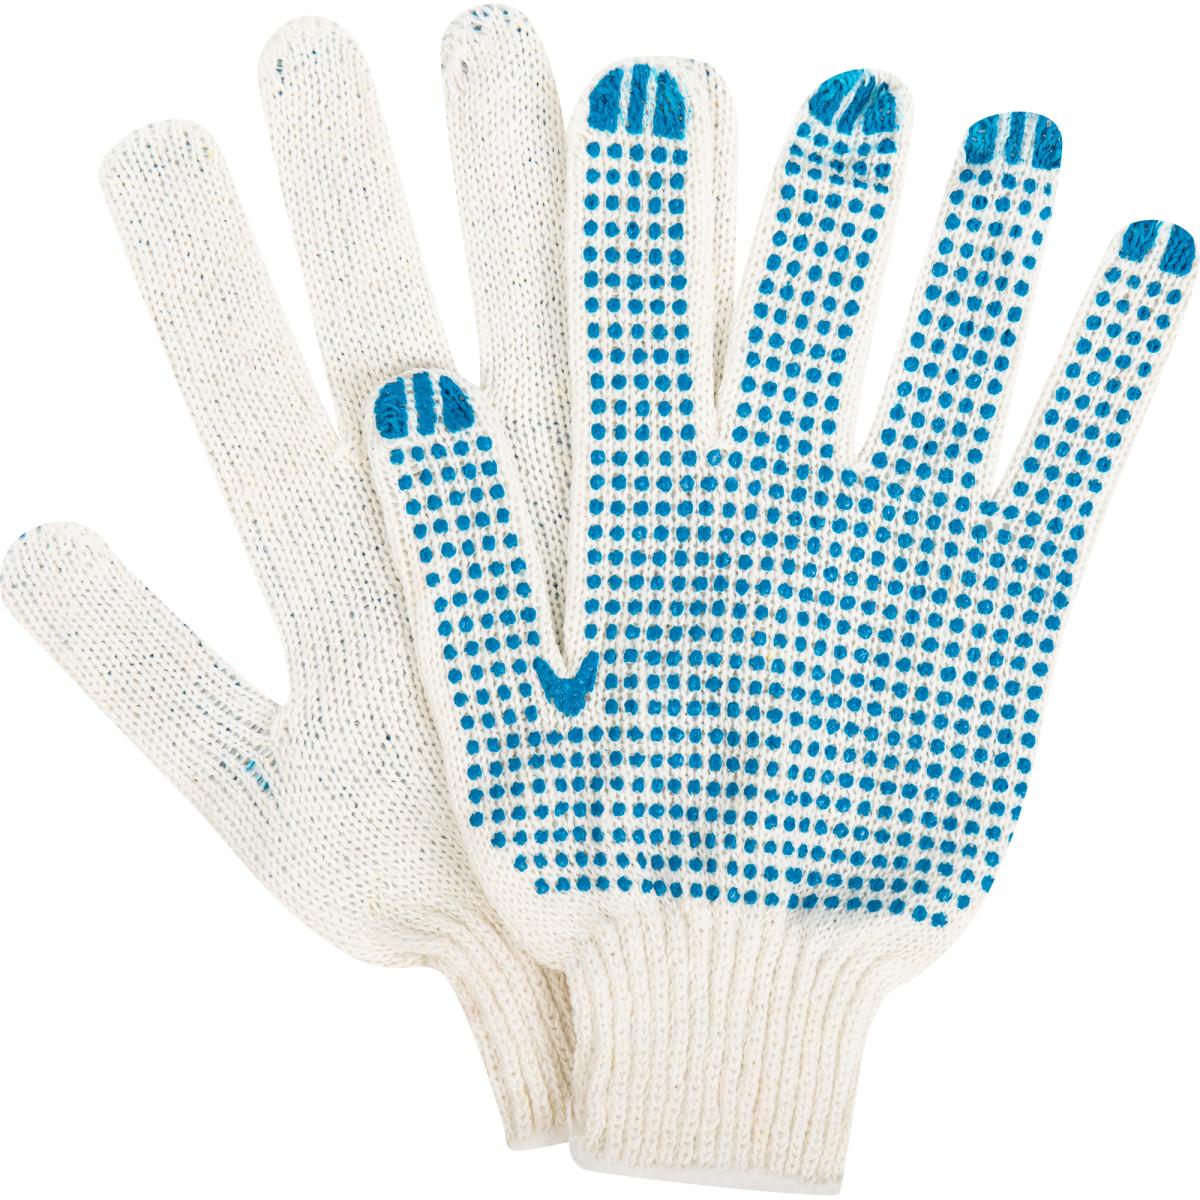 Перчатки трикотажные ПВХ 7 класс упаковка 6 пар